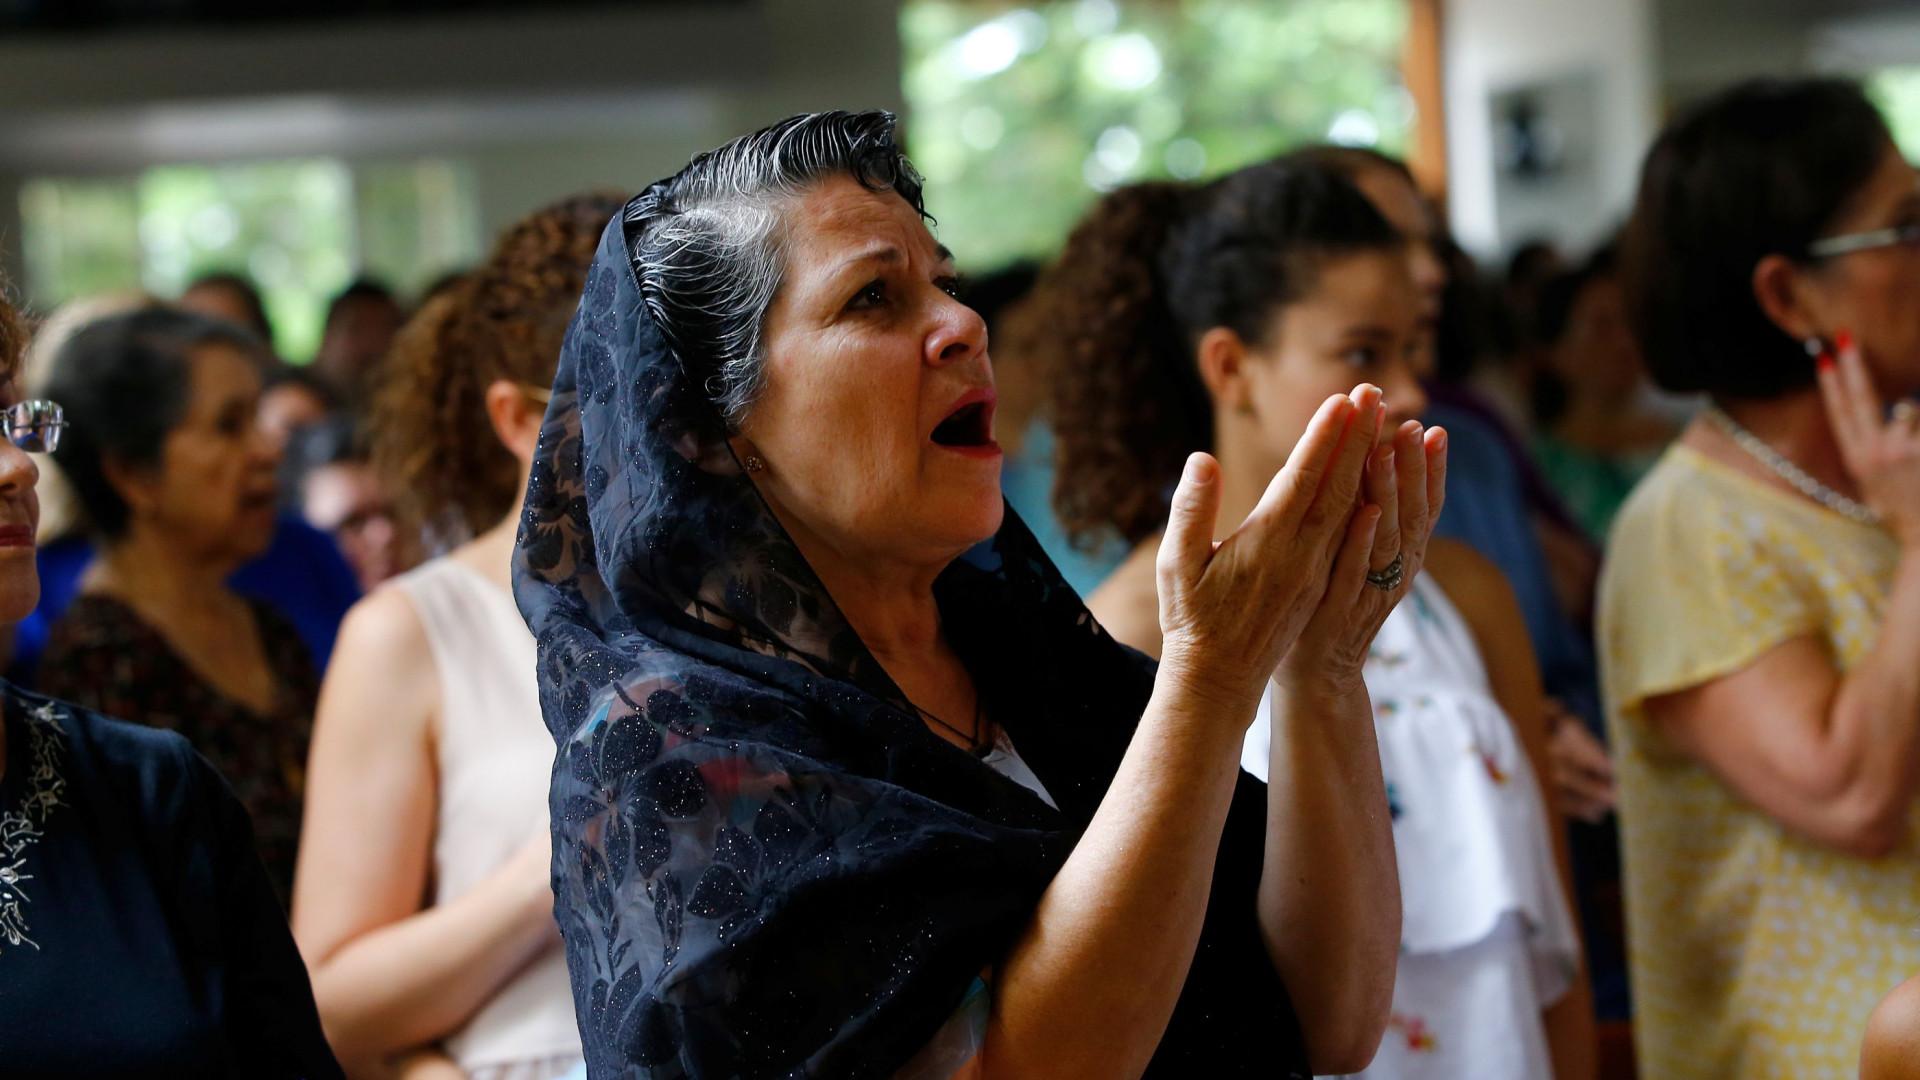 Polícia da Nicarágua expulsa mães que procuram filhos desaparecidos